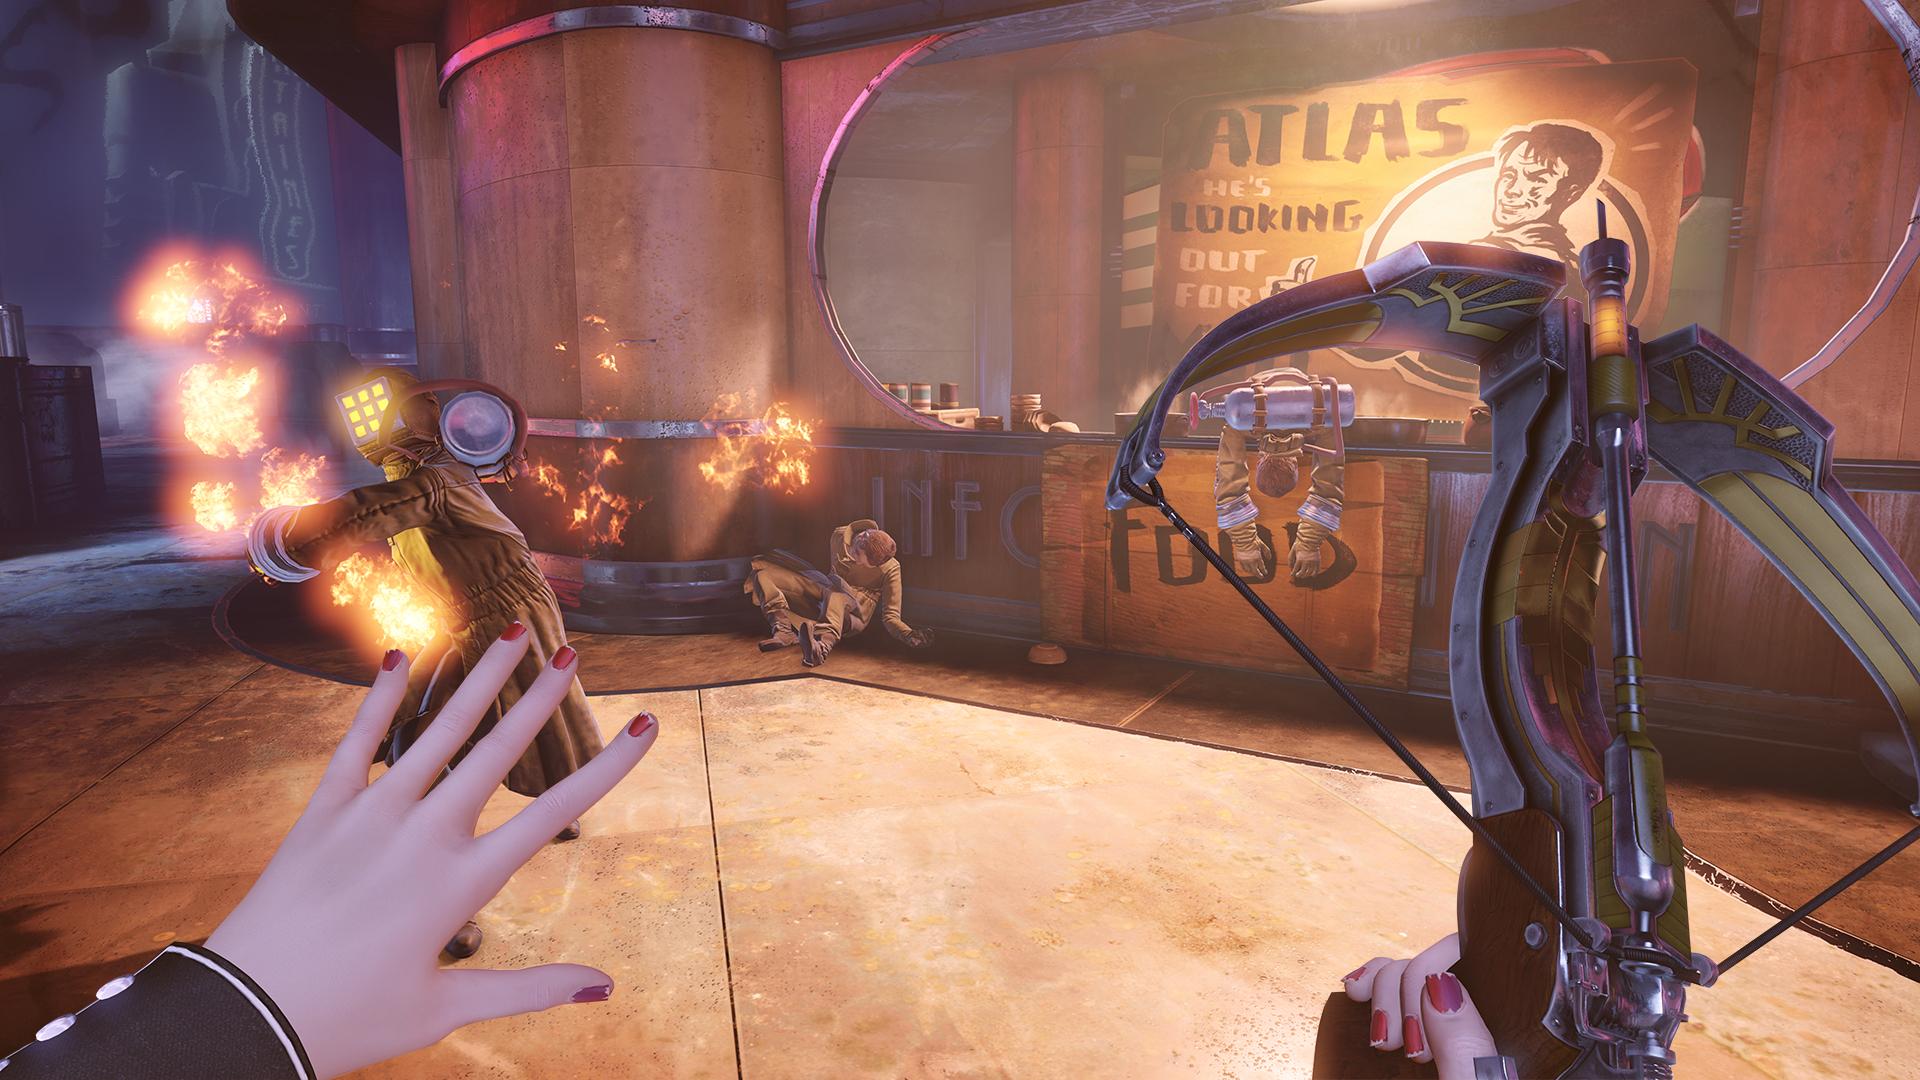 Bioshock infinite: burial at sea episode one будет доступен уже.